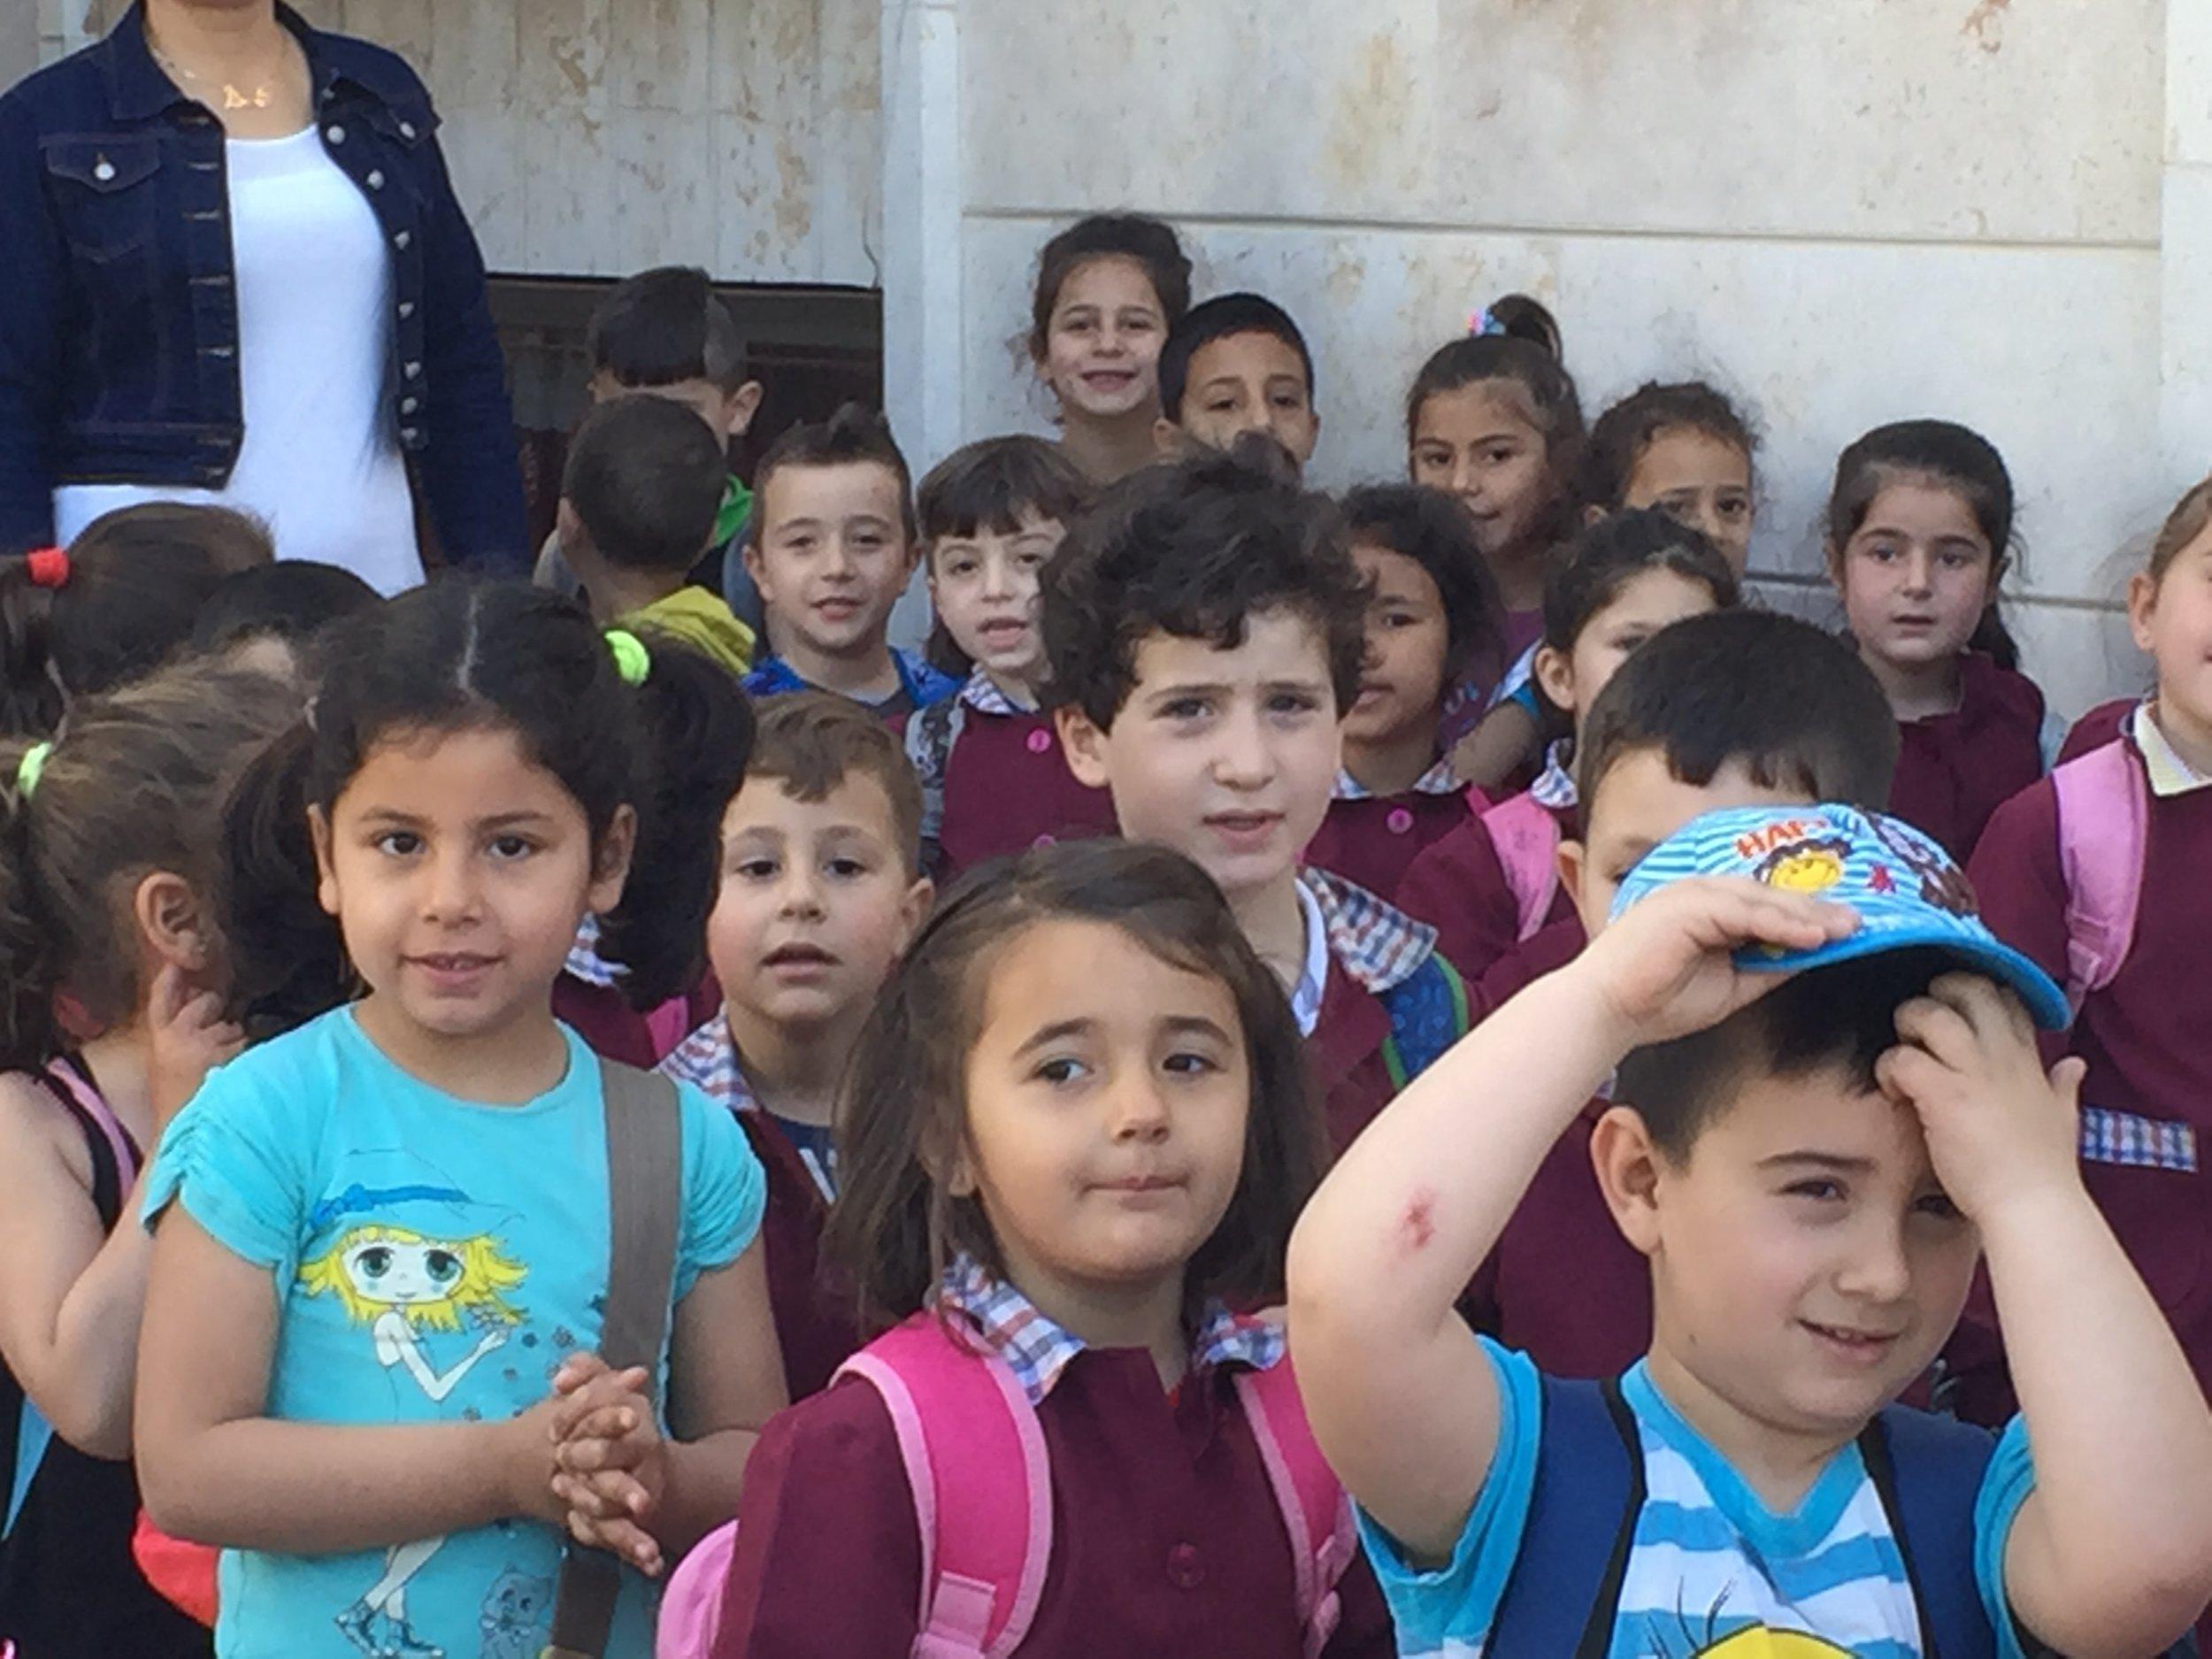 In Mhardeh, the kindergarten nurtures 40-50 children.